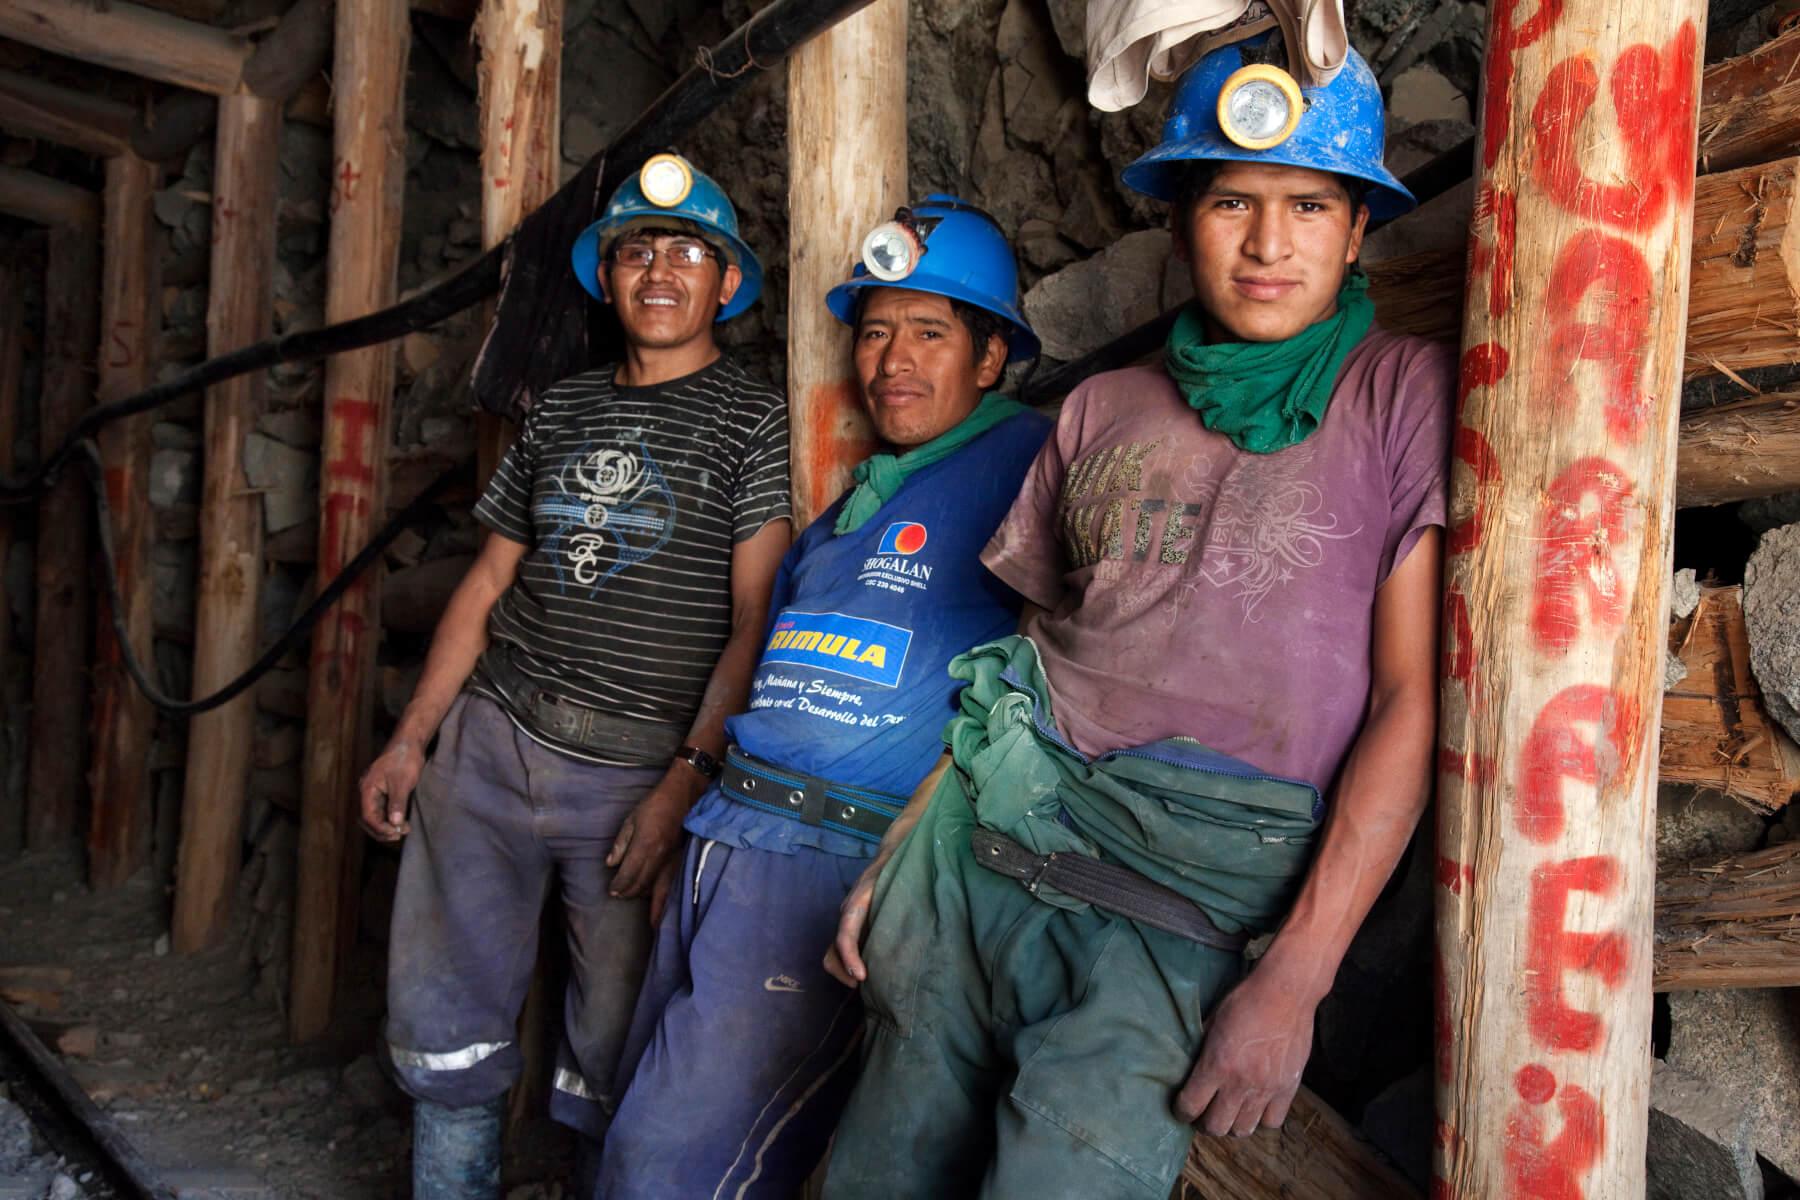 Mineros en la entrada de una mina de oro e Cuatro Horas, en el distrito de Chaparra, provincia de Caraveli, departamento de Arequipa, Perú. (c) Eduardo Martino